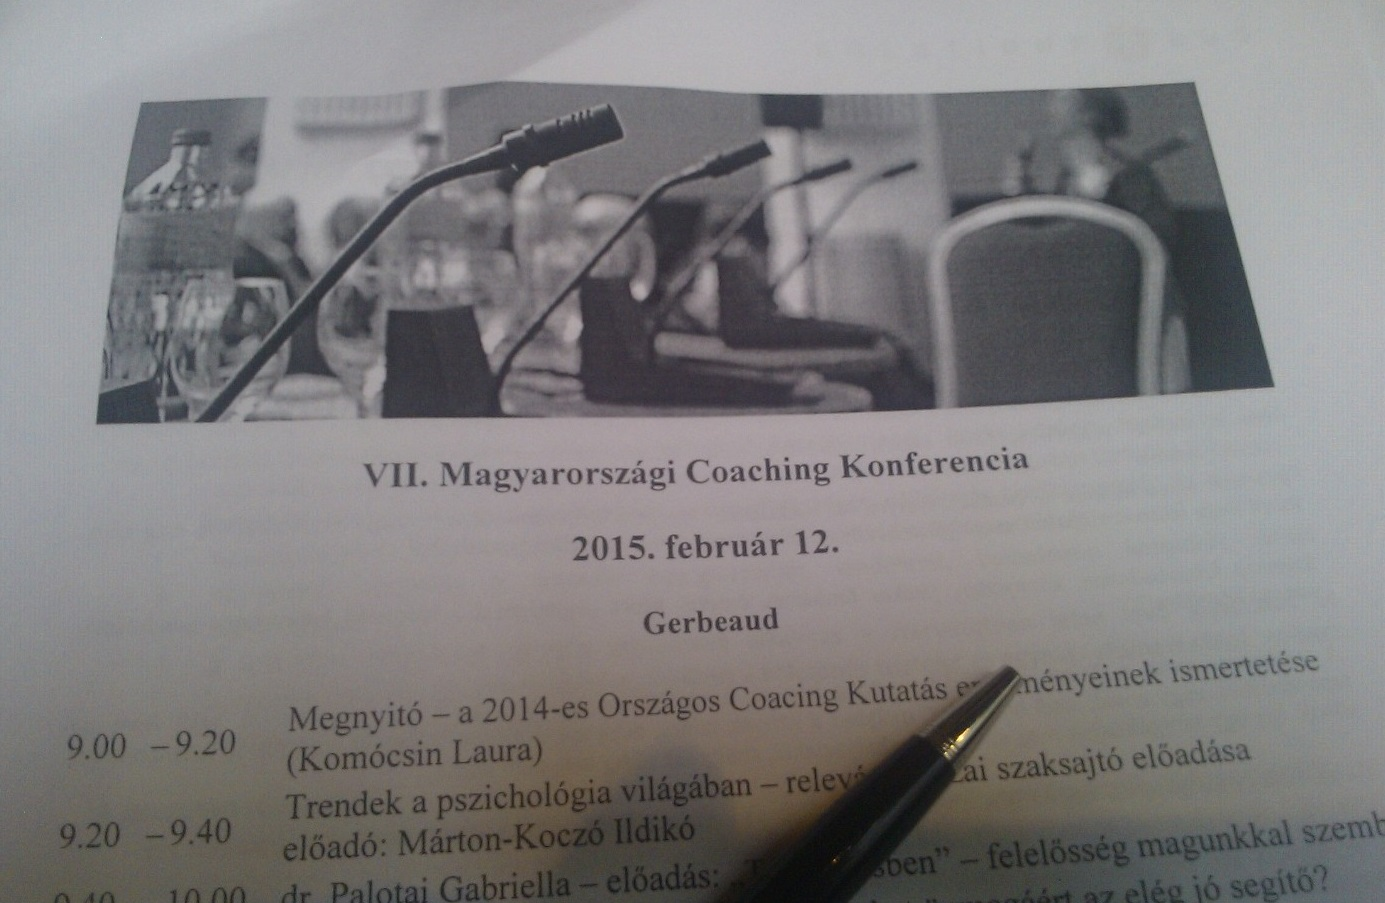 7. Magyarországi Coaching Konferencia